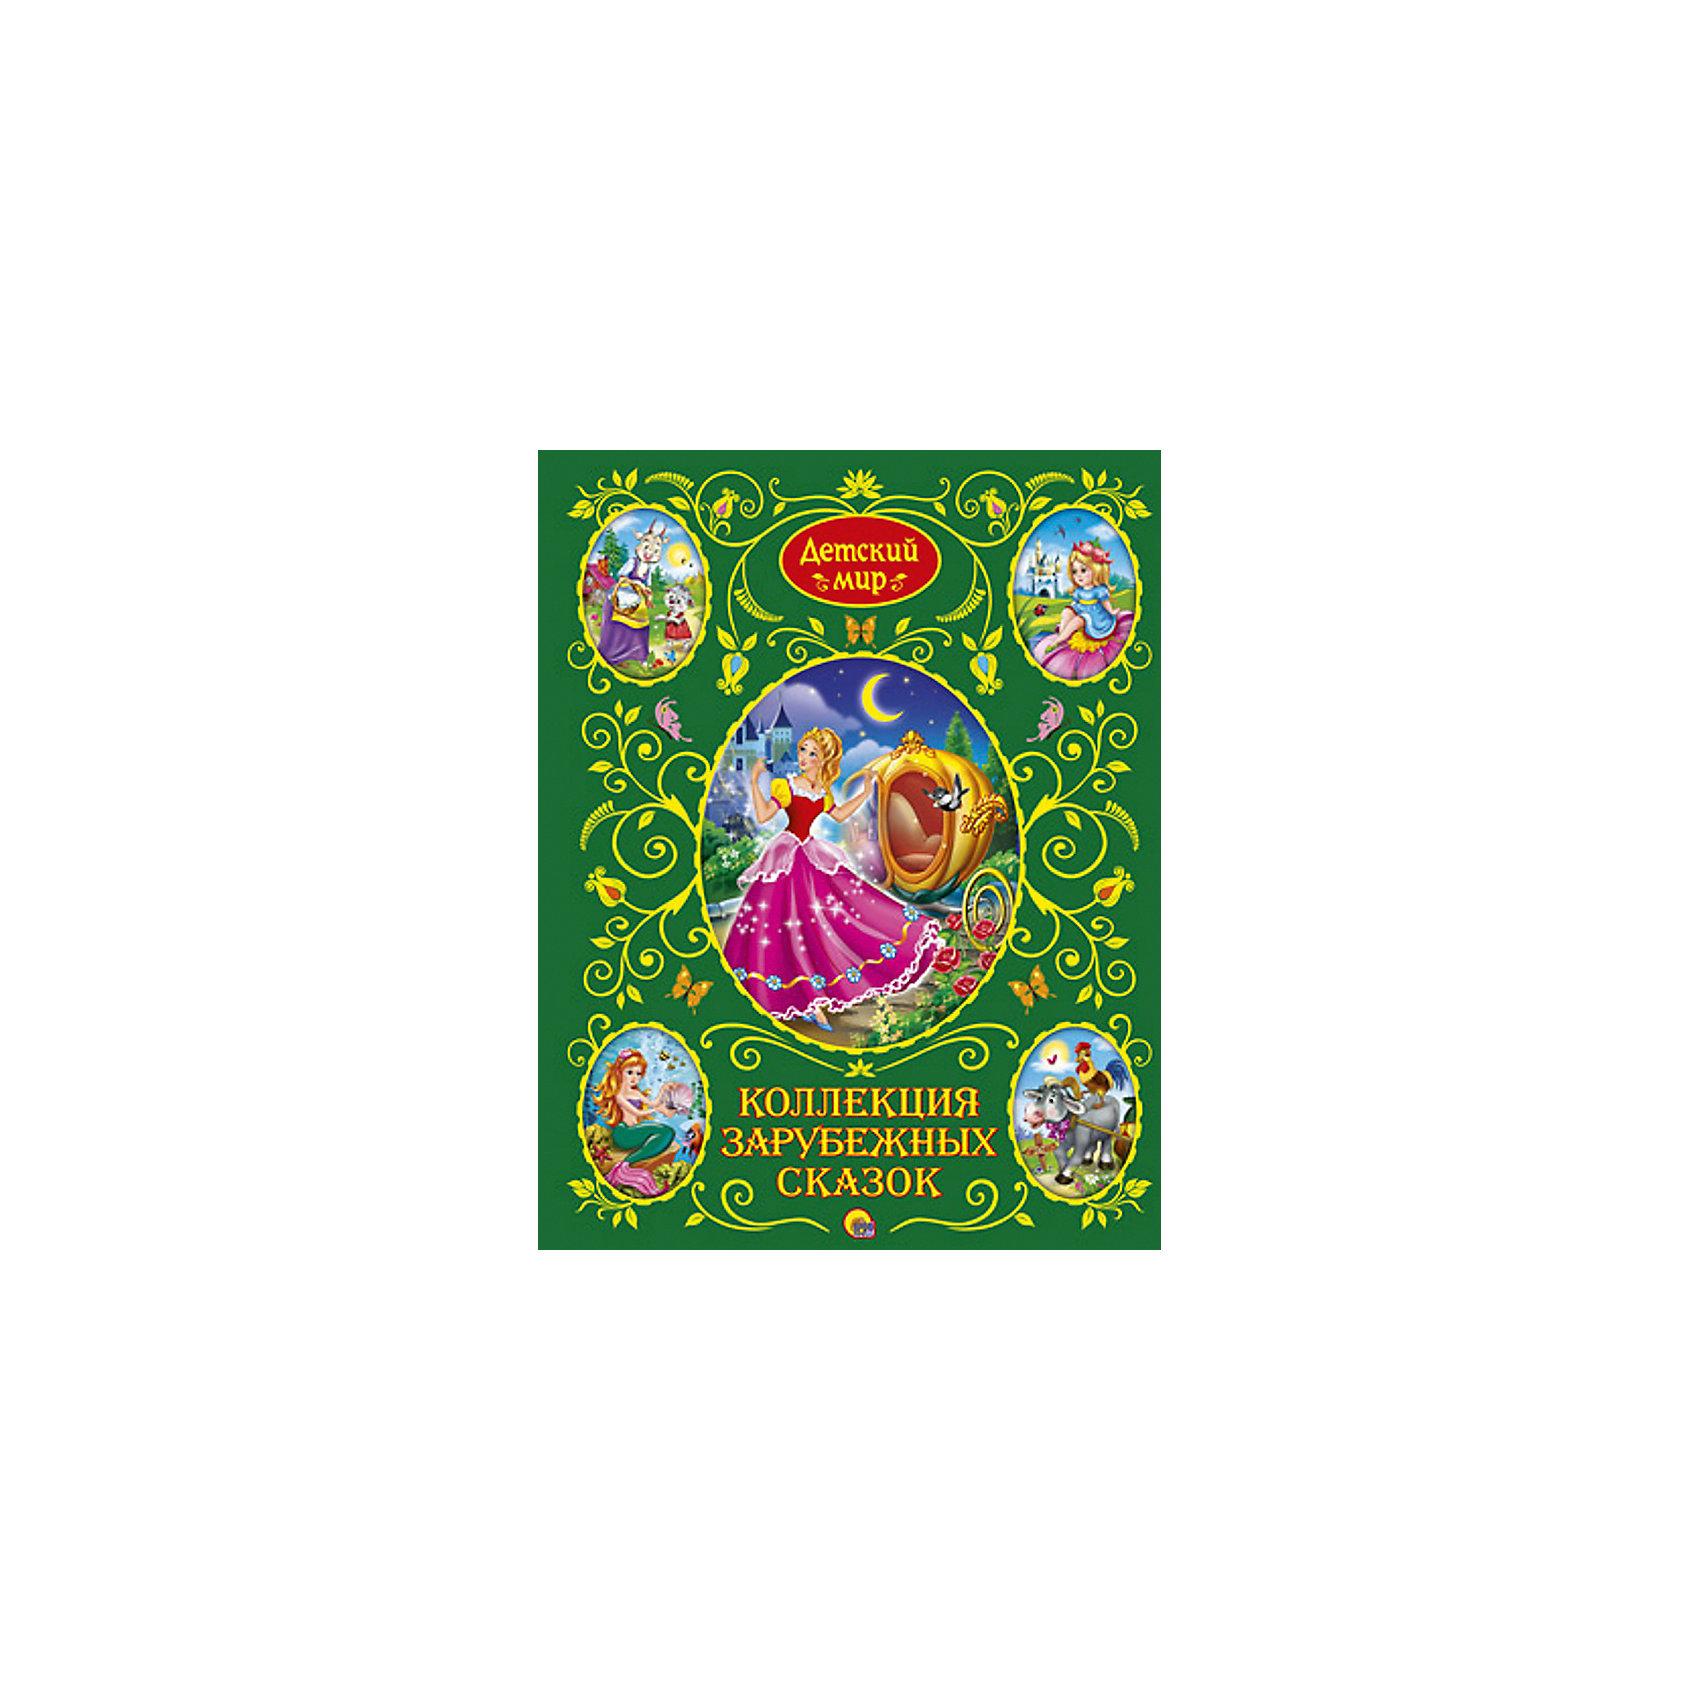 Проф-Пресс Коллекция зарубежных сказок, Детский мир проф пресс книга любимые истории белоснежка и семь гномов disney princess